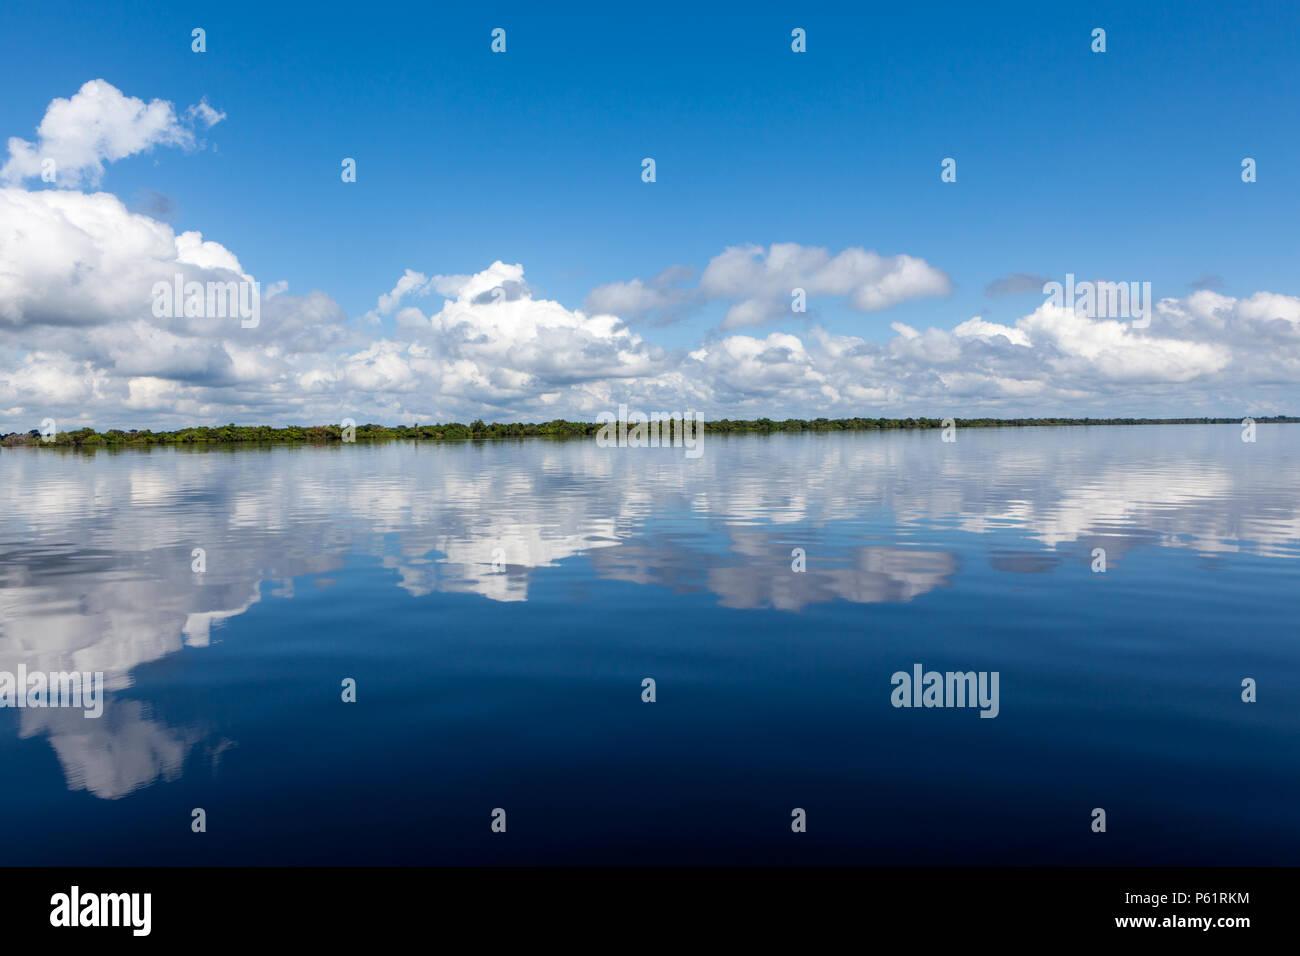 Amazonas, Brasil - El banco del río en la selva amazónica con las oscuras aguas del río Negro que refleja el cielo azul y las nubes y el bosque en el fondo de Imagen De Stock